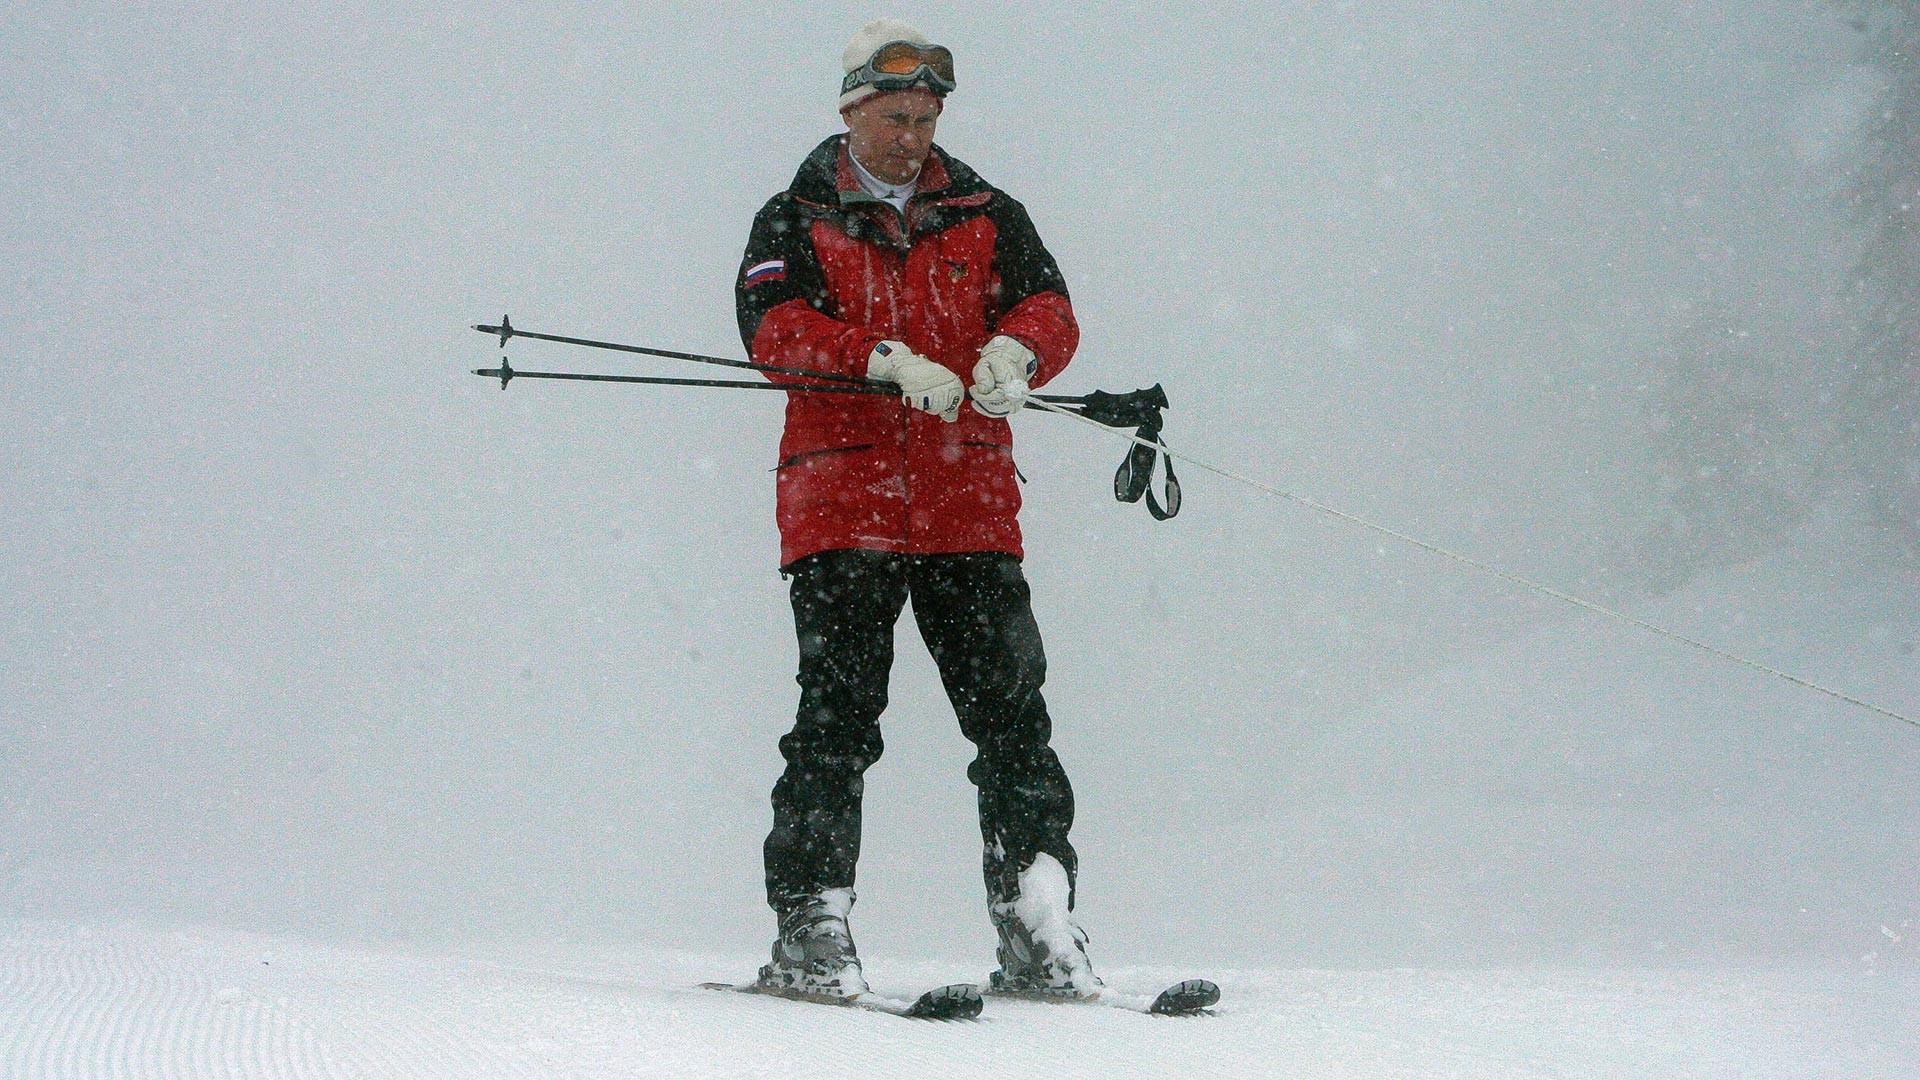 クラースナヤ・ポリャーナのスキー場